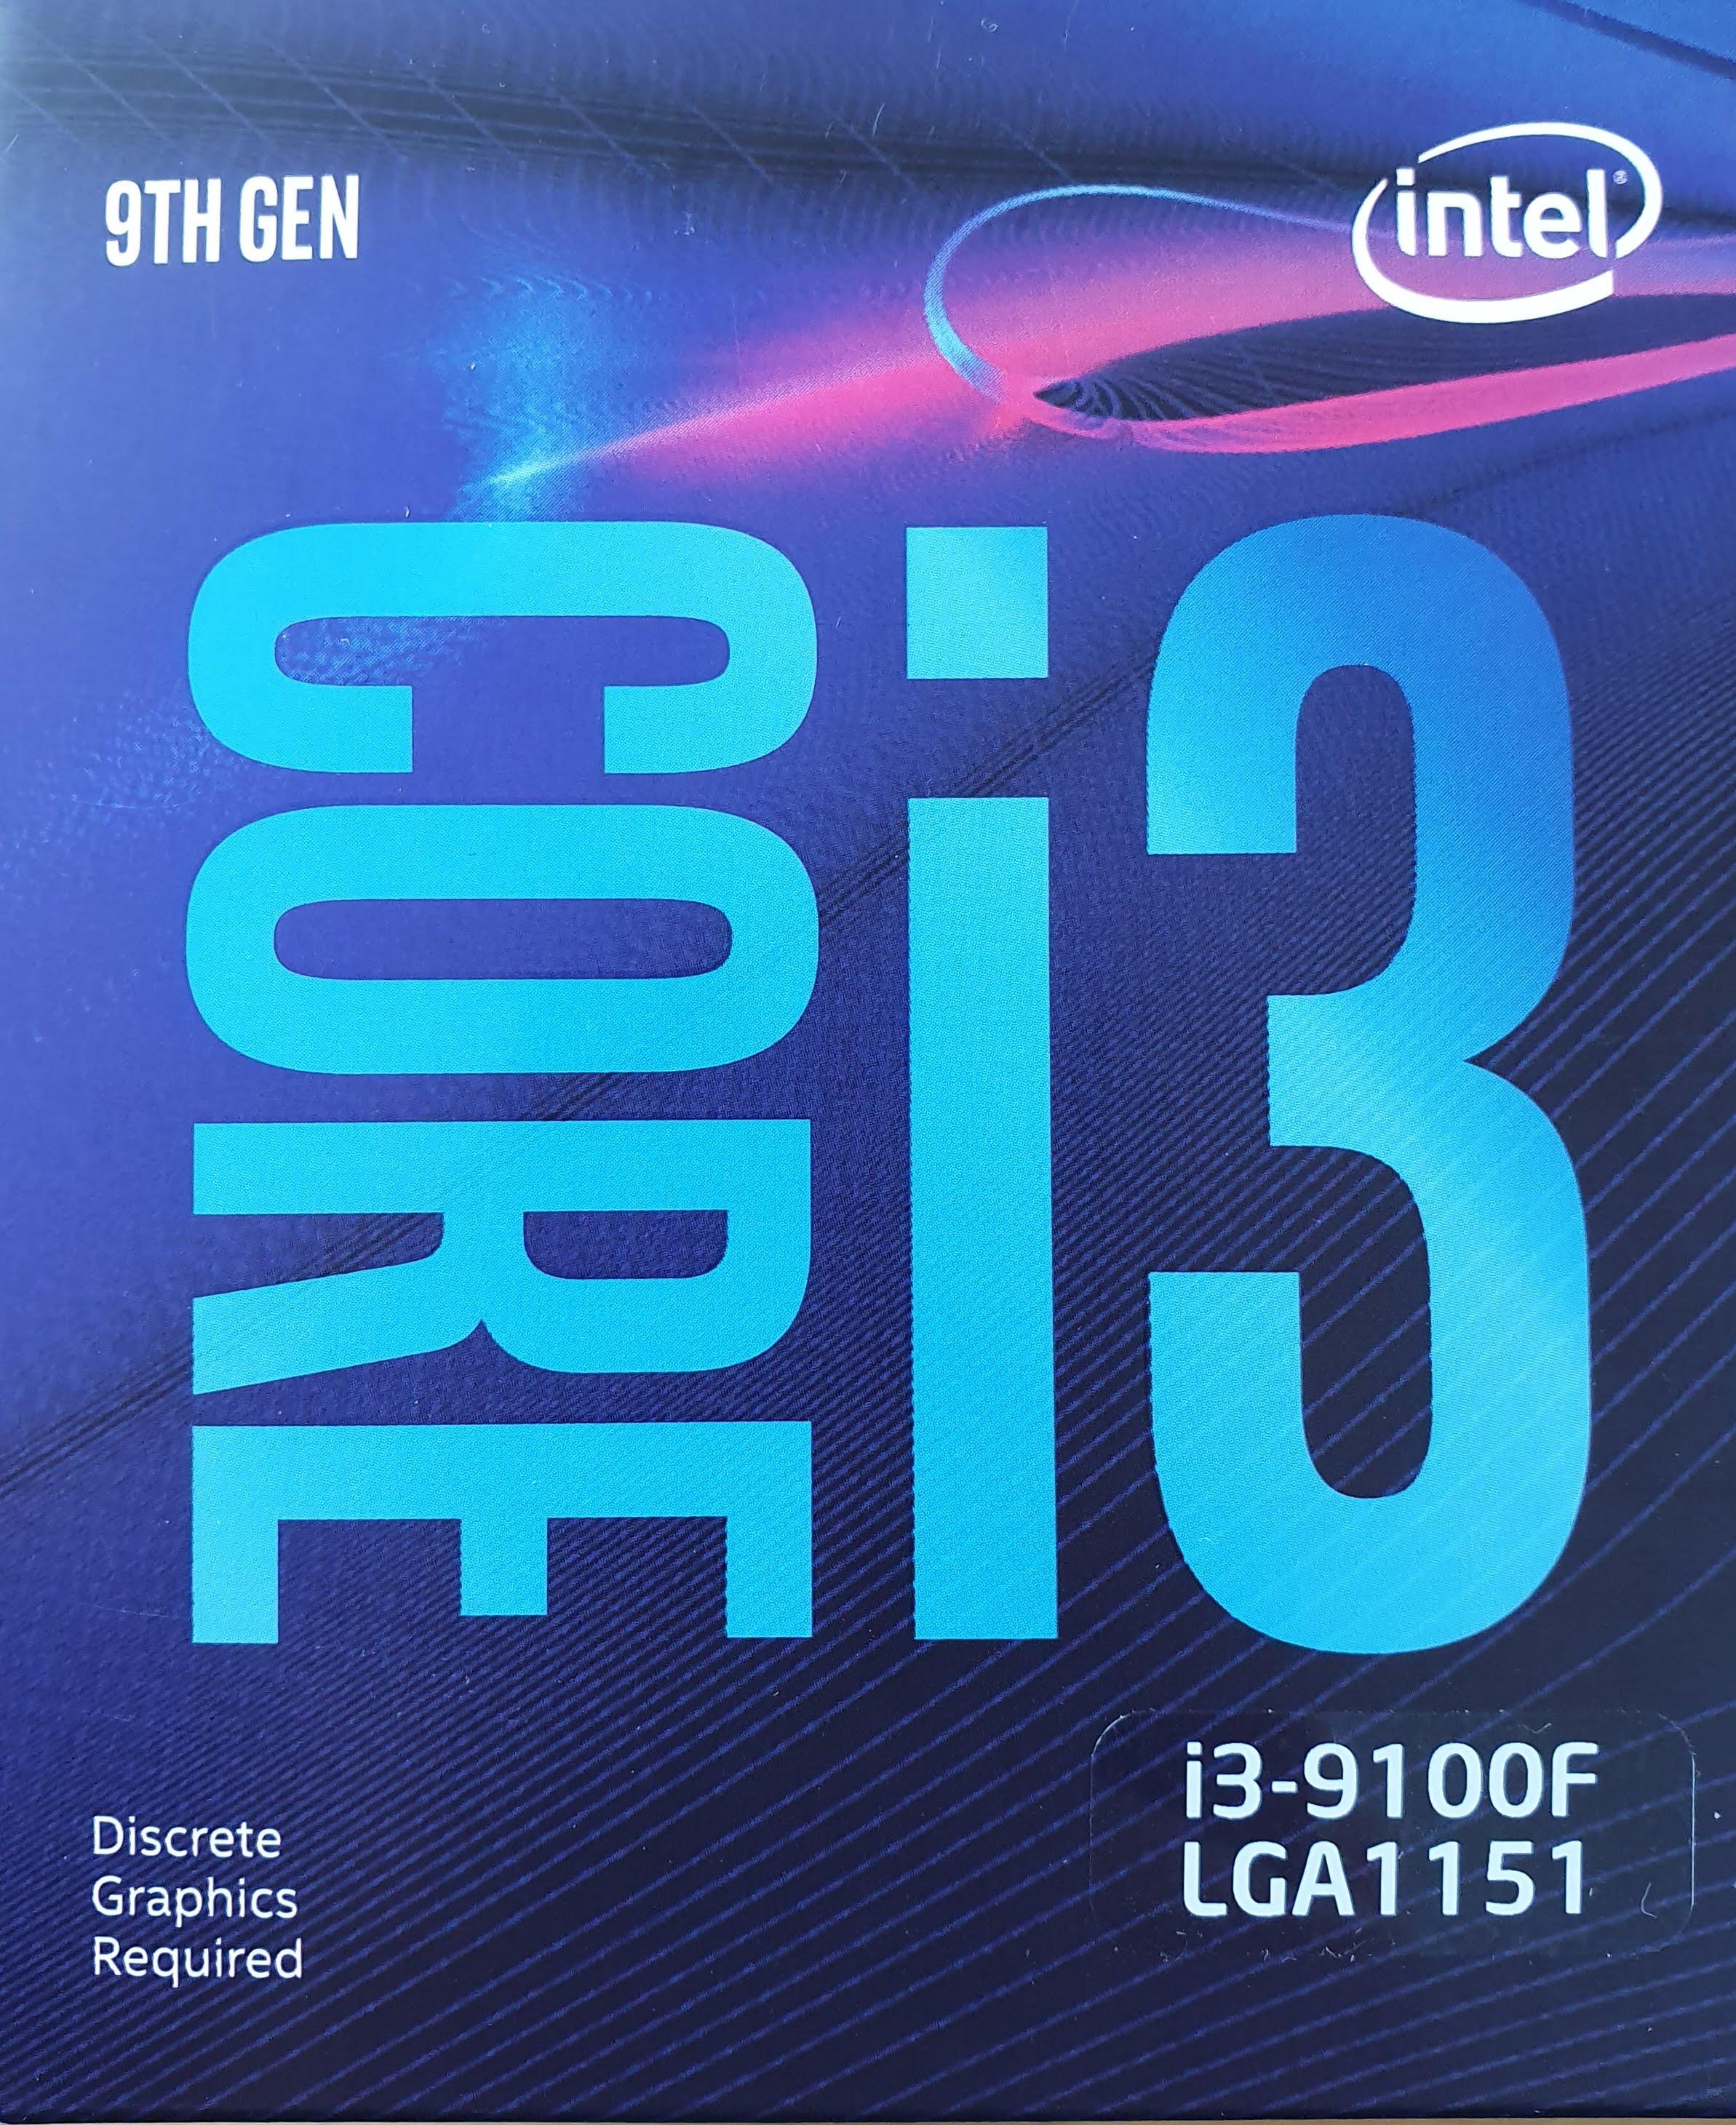 Intel Core i3 9100F boxed CPU LGA 1151 PAYDIREKT NBB